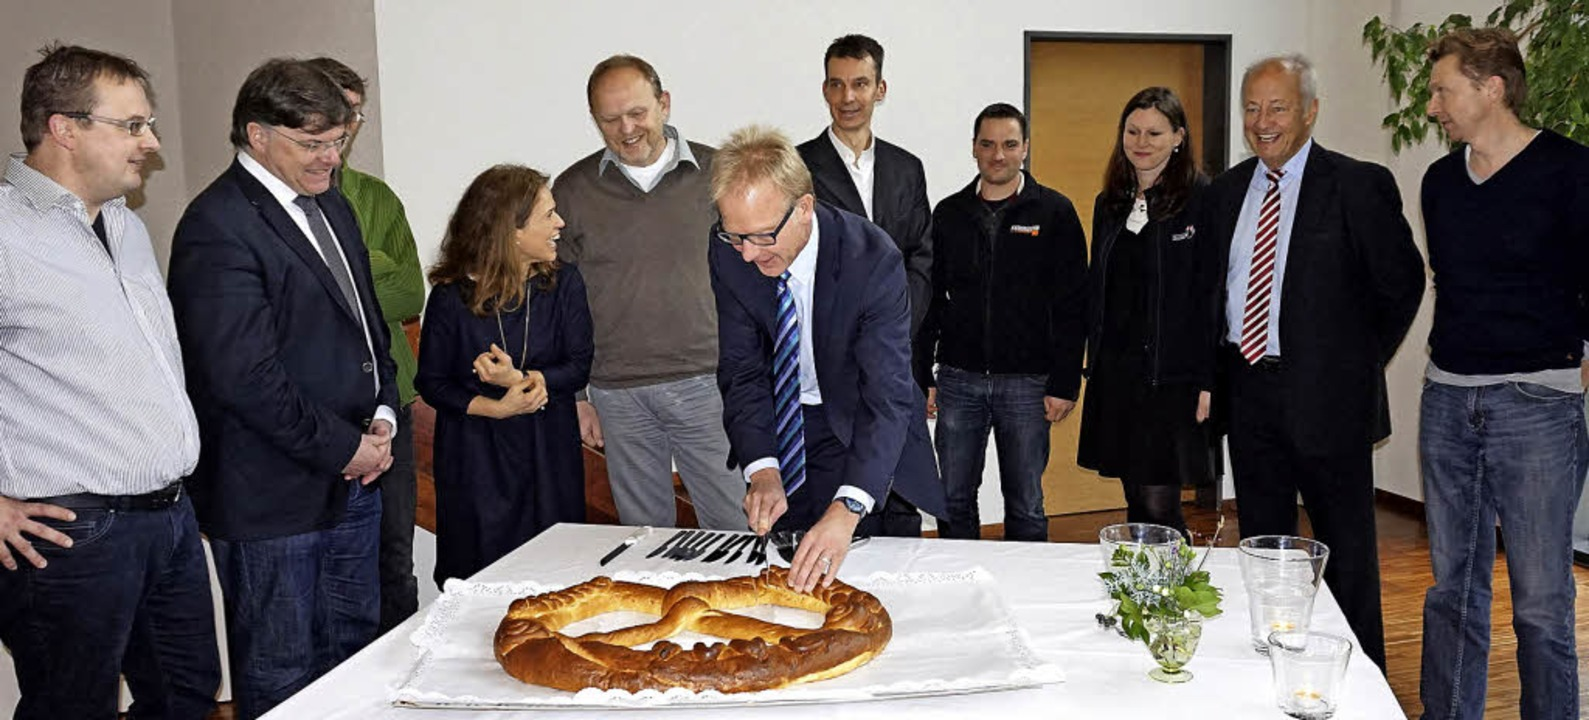 Vertreter der Vereine und des Gemeinde...spannt das erste Stück Neujahrsbrezel.    Foto: Julius Wilhelm Steckmeister